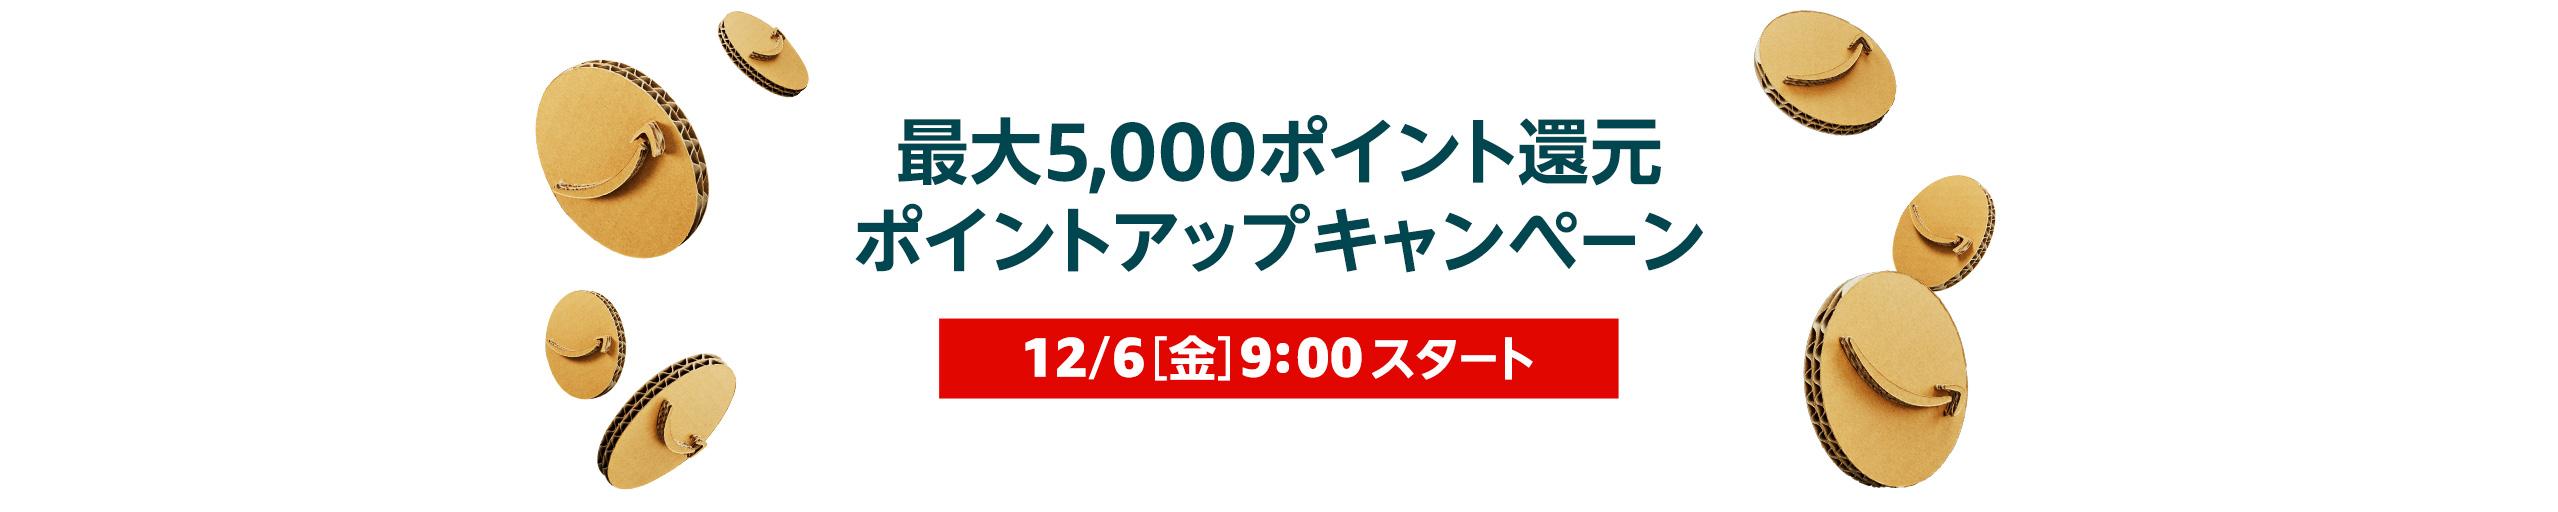 サイバーマンデーのお買い物で最大5,000ポイントプレゼントキャンペーン